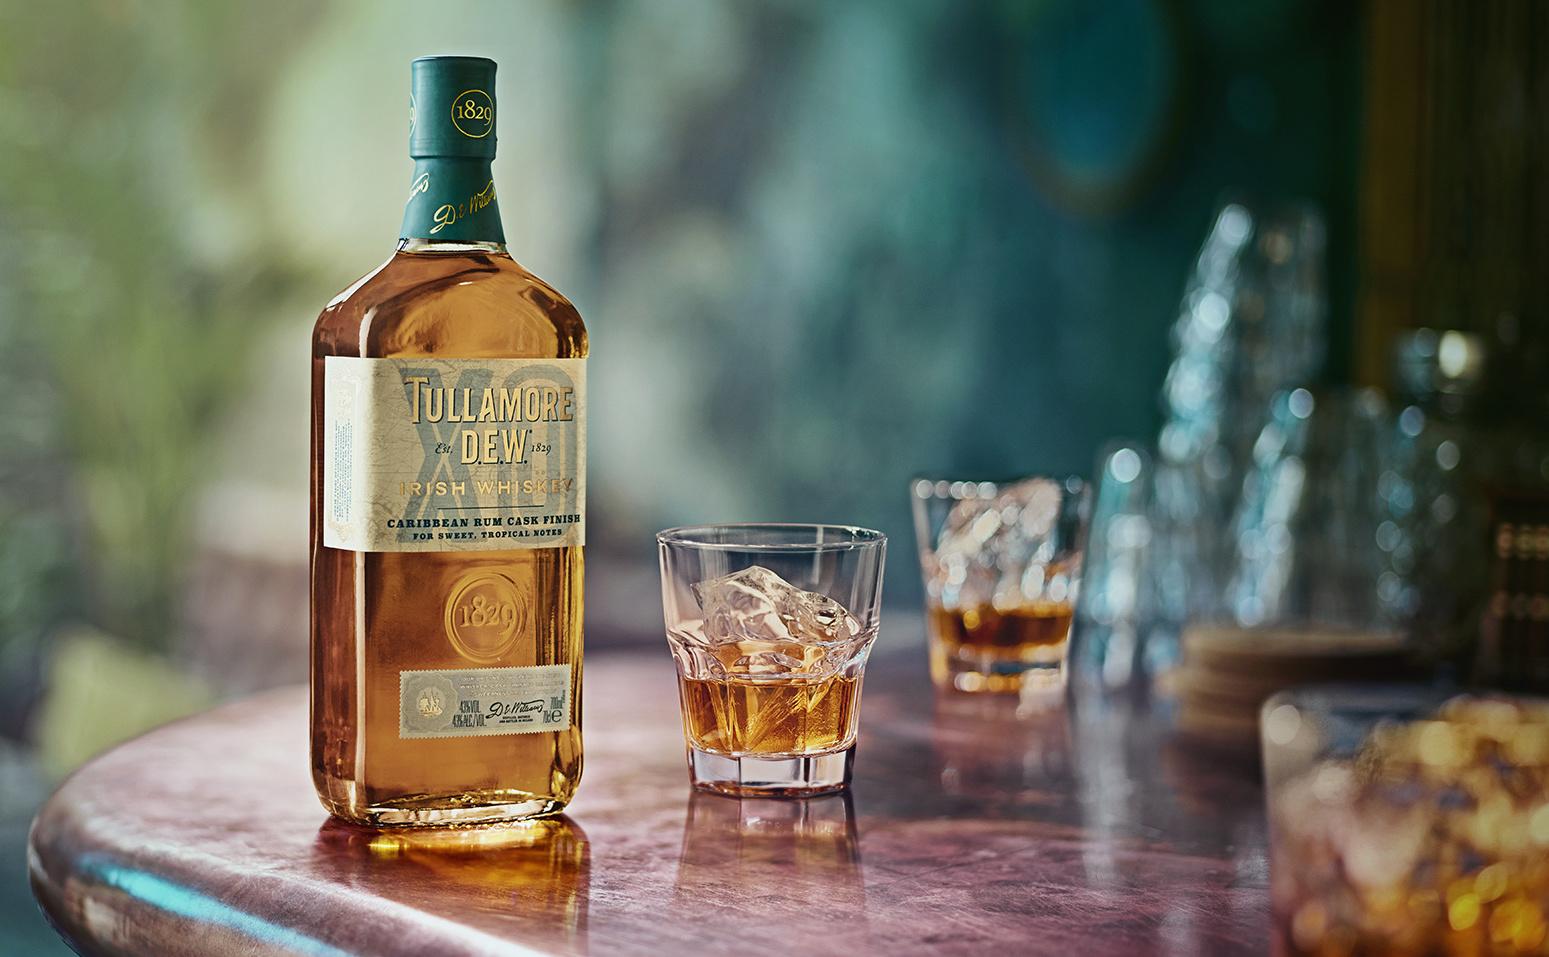 Tullamore Dew estrena XO Caribbean Rum Cask Finish, whisky con acabado en barril de ron